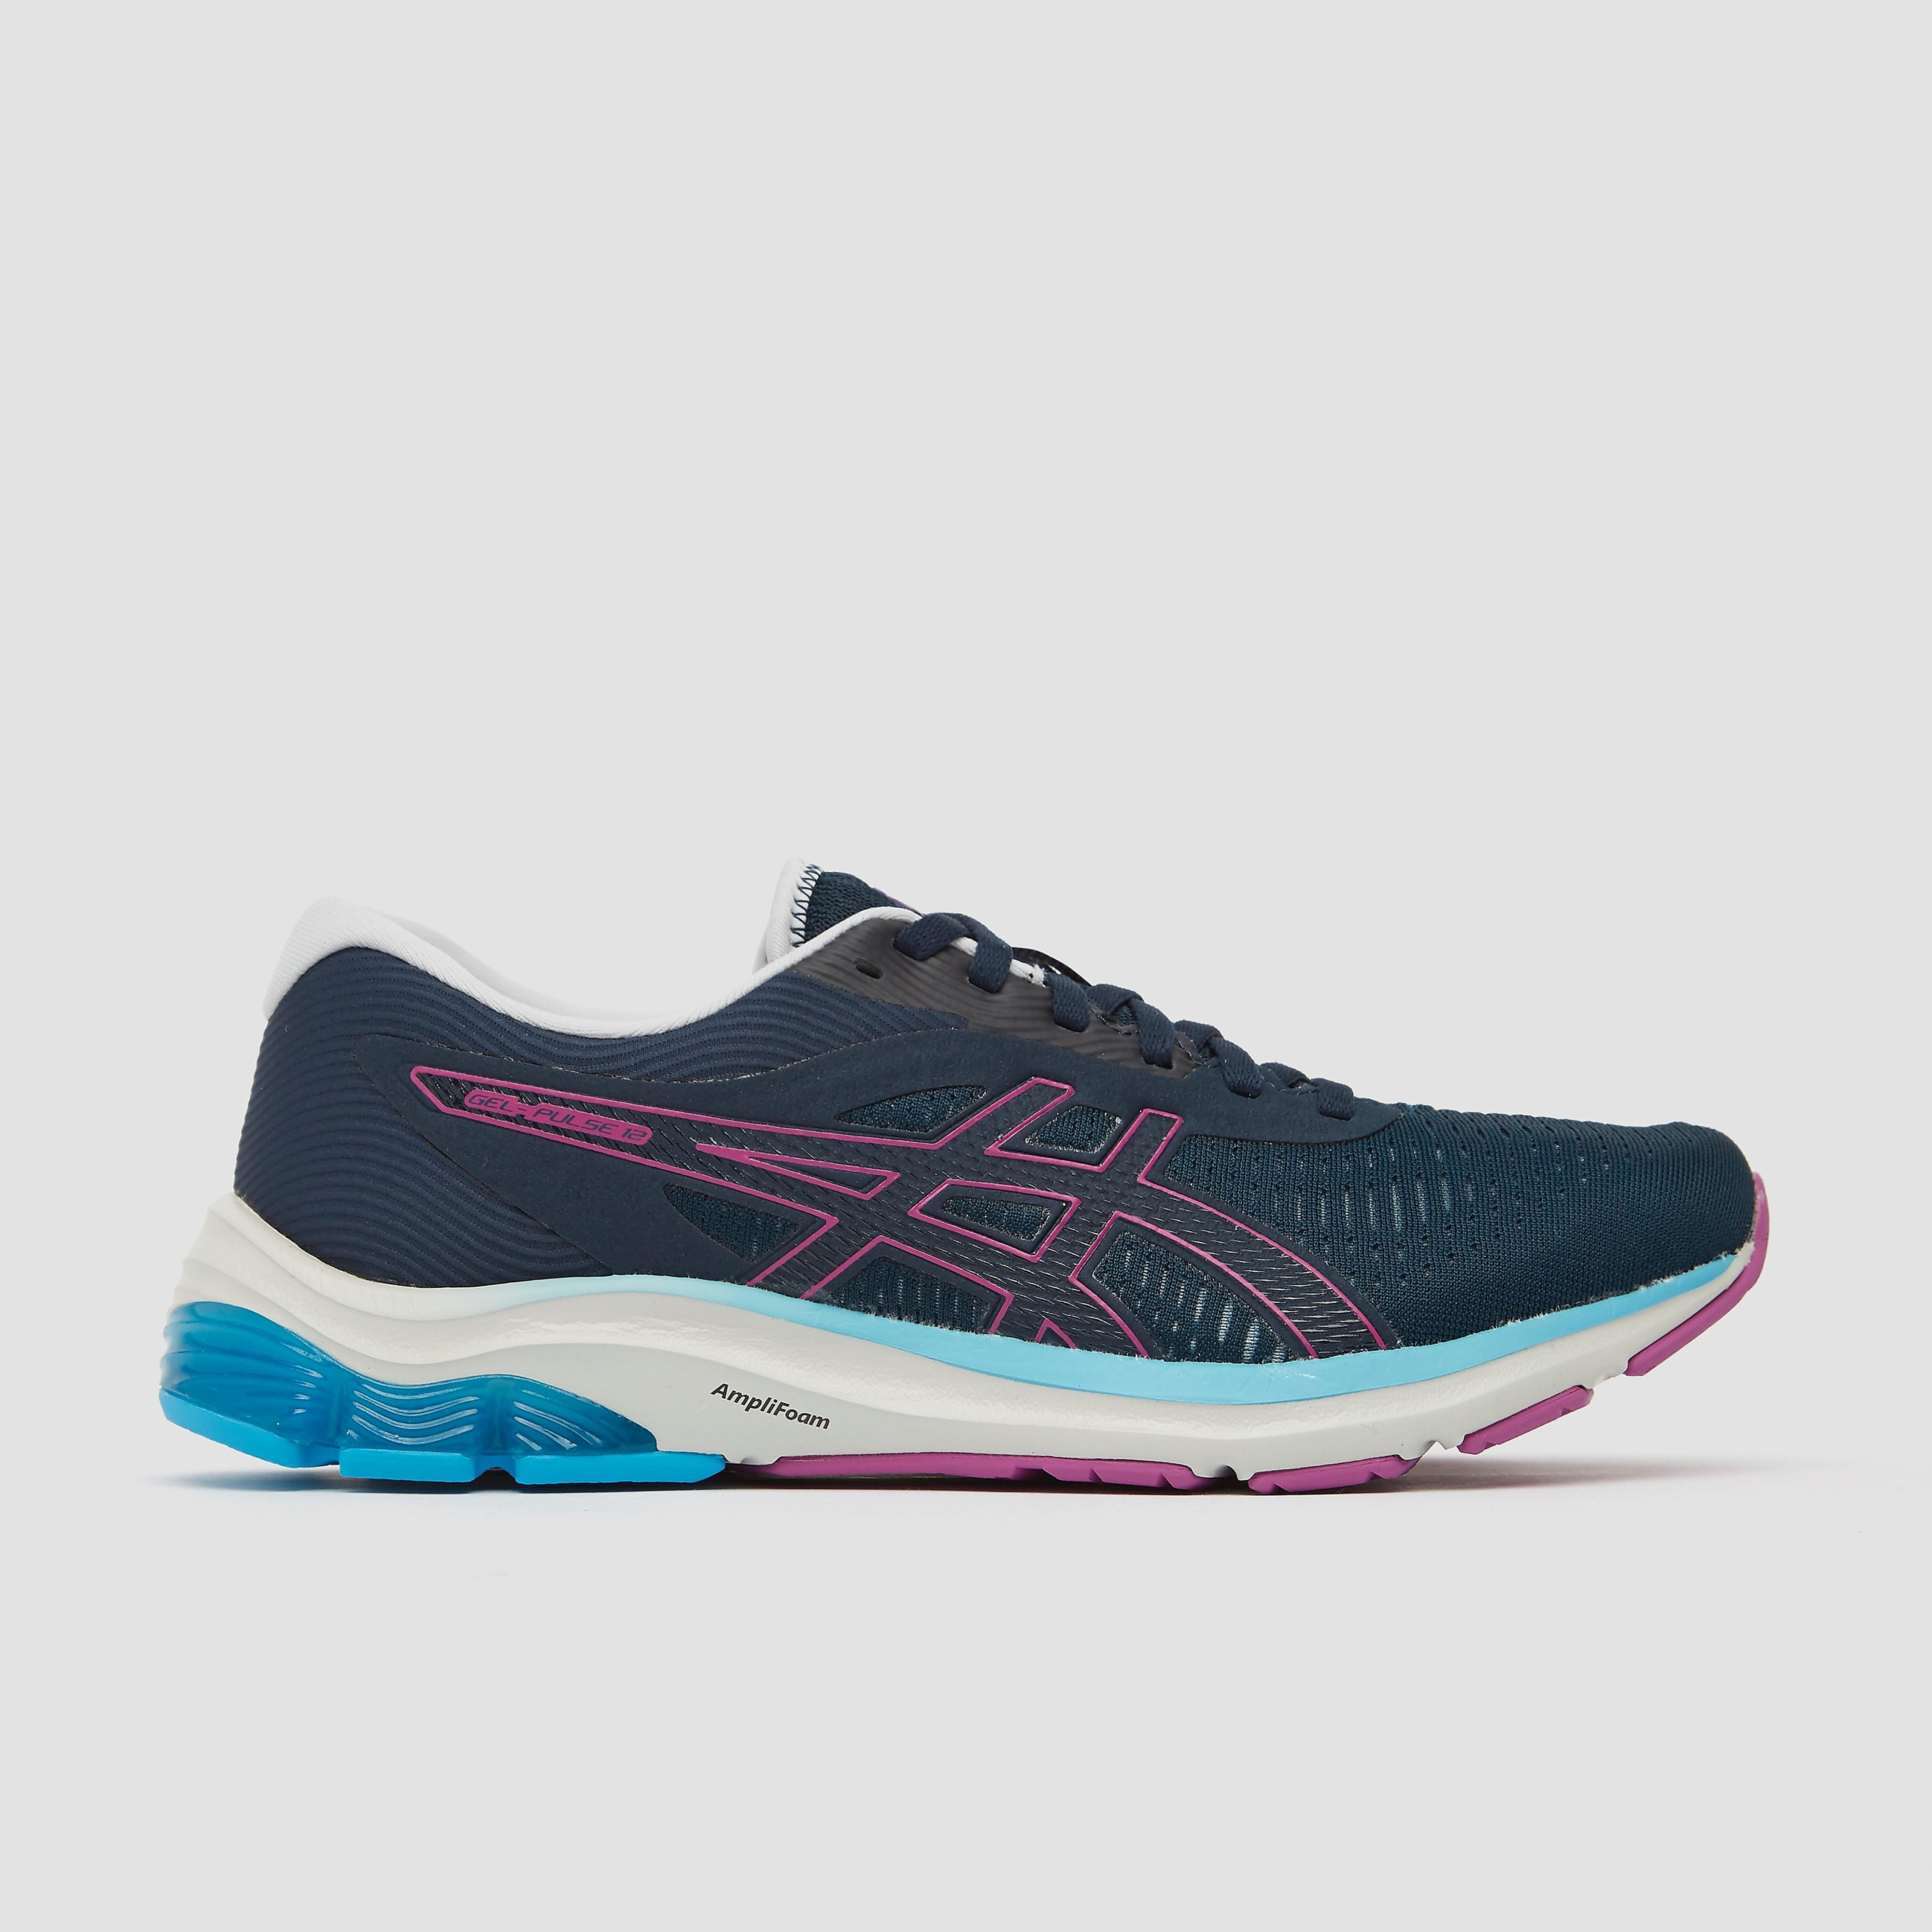 ASICS Gel-Pulse 12 hardloopschoenen donkerblauw/roze/blauw online kopen